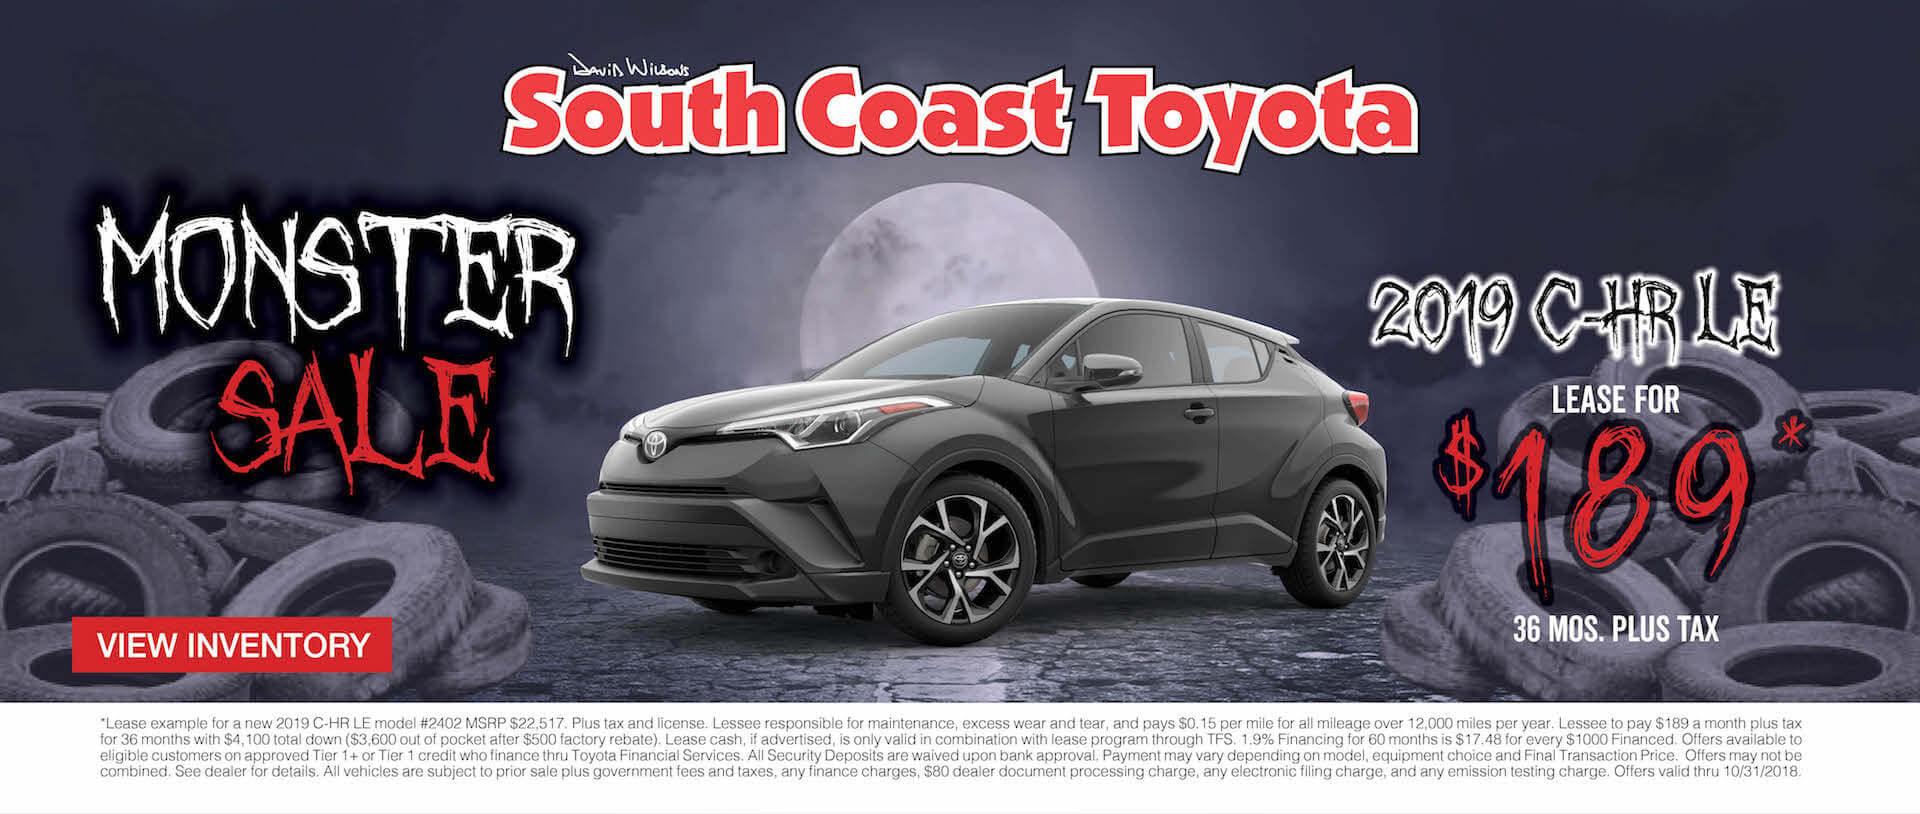 Toyota CH-R $189 Lease